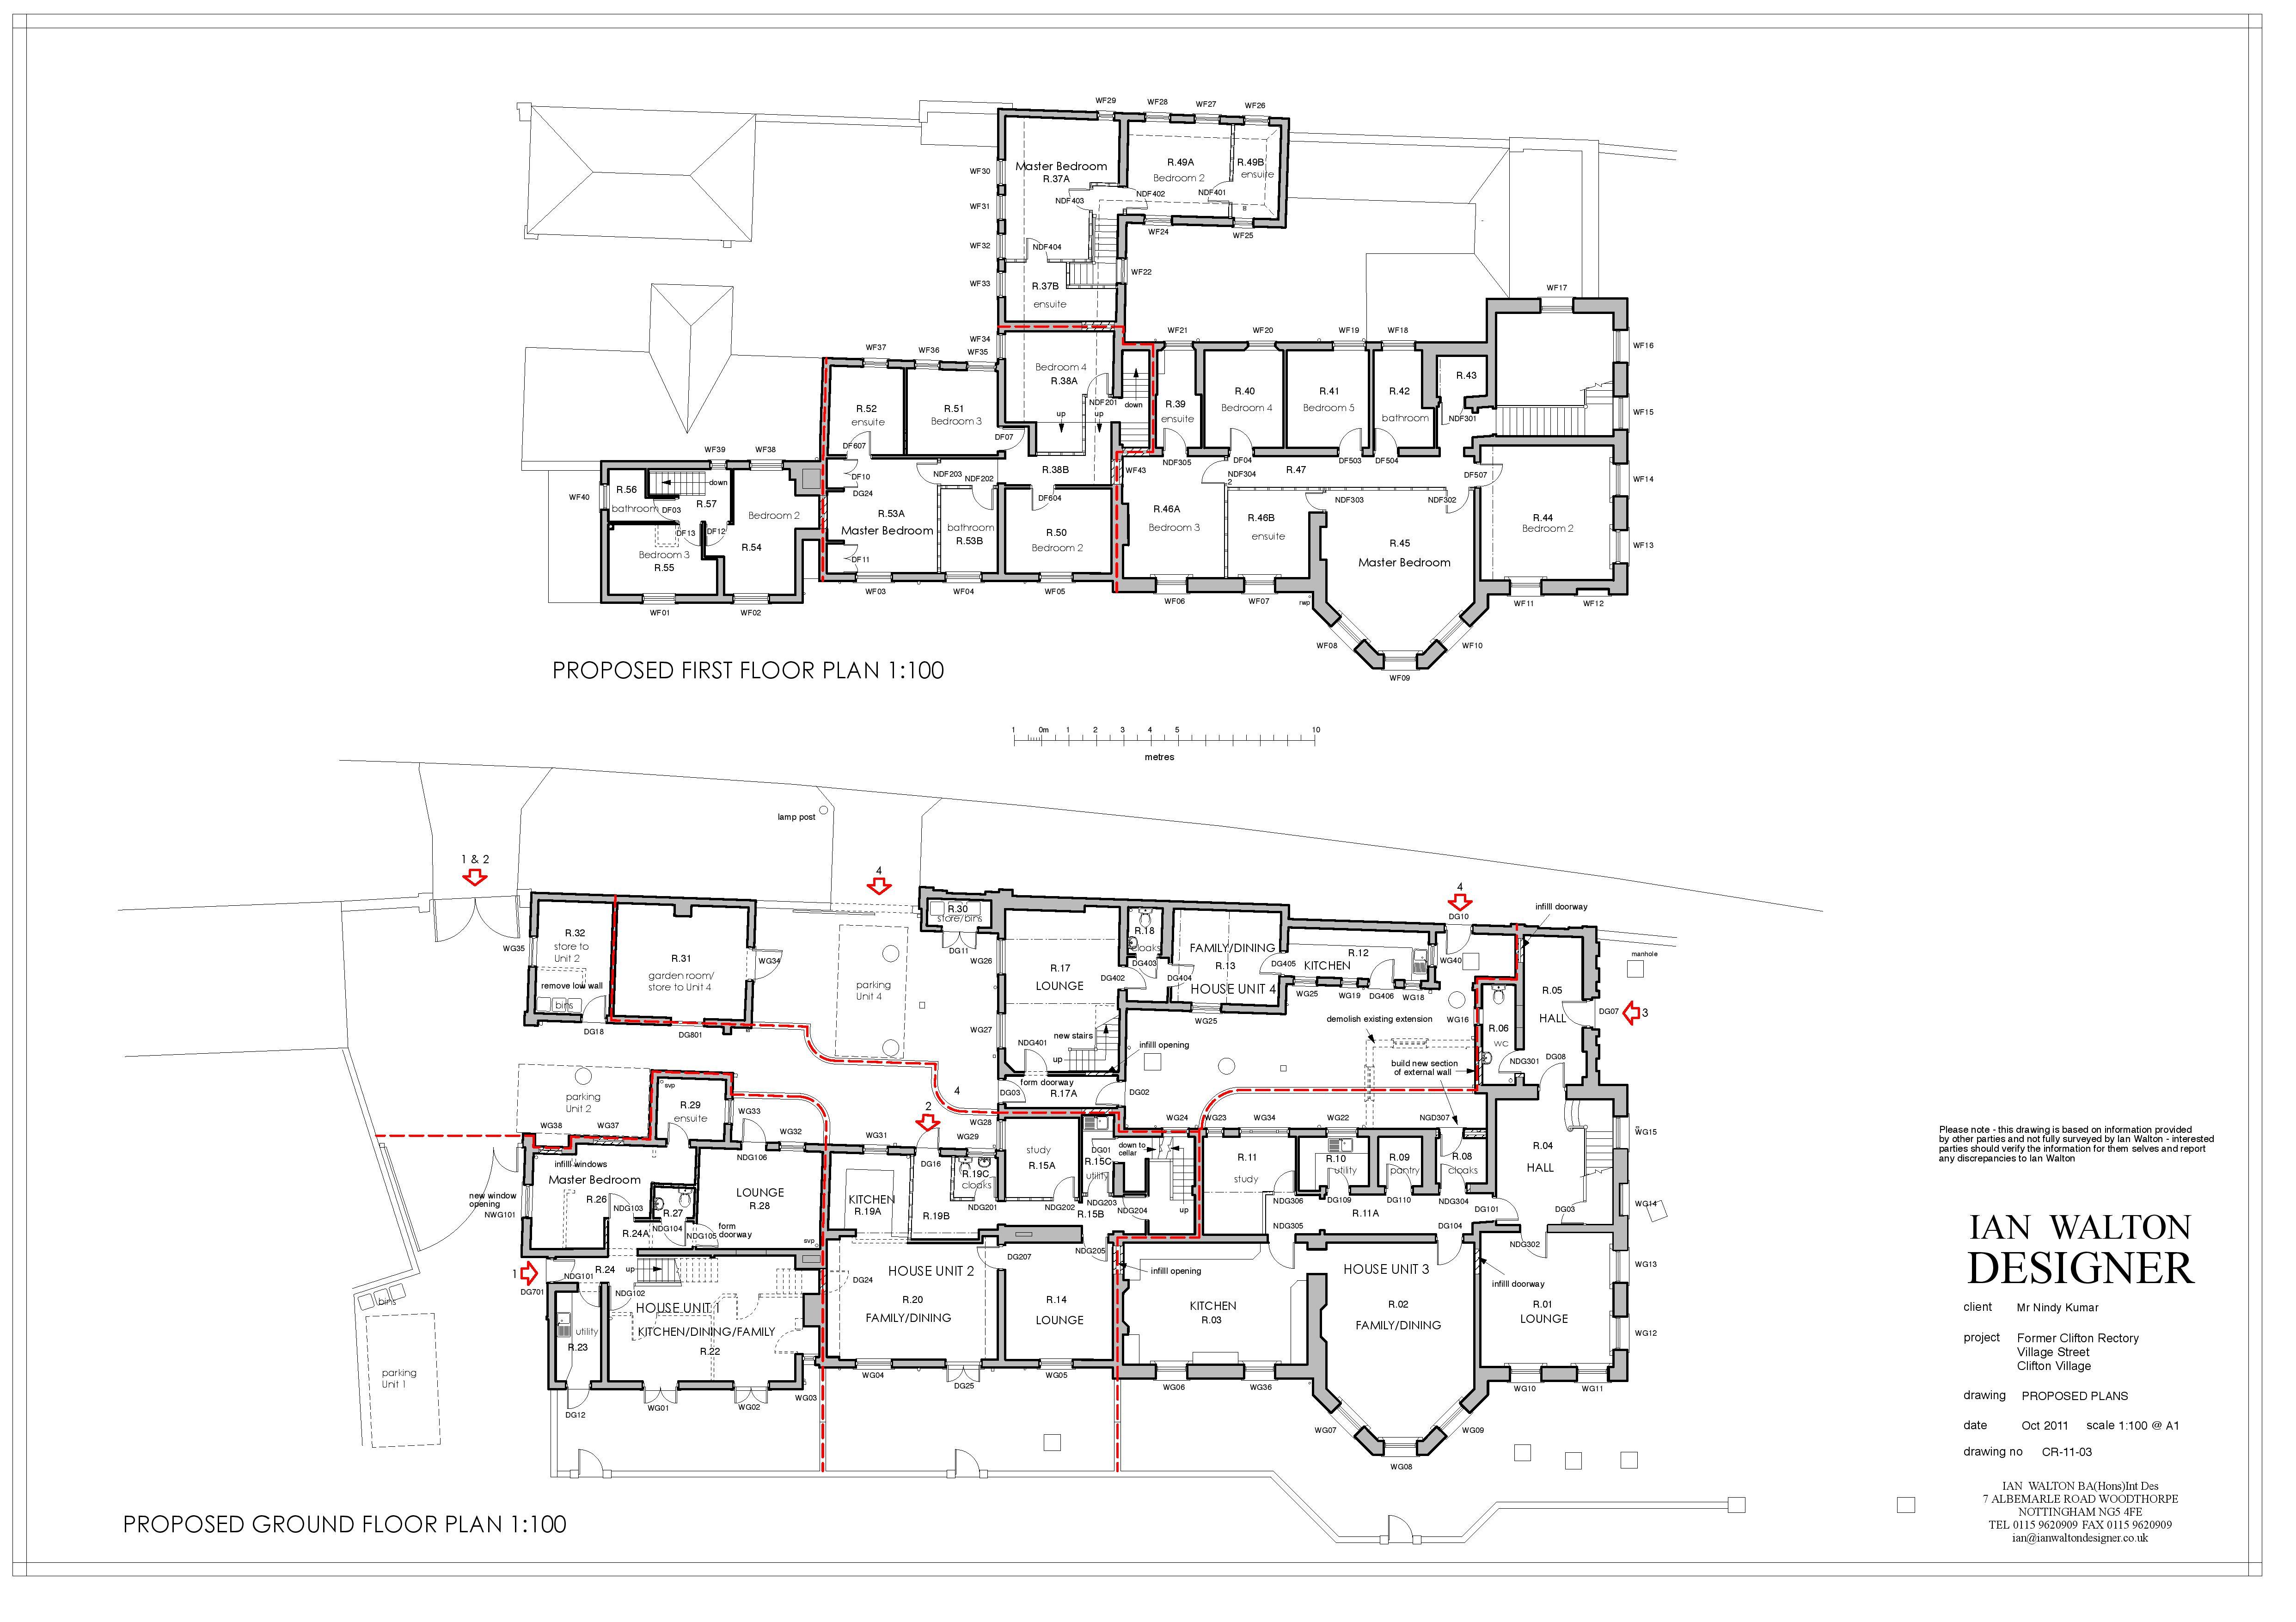 Example Plans Nottingham City Council